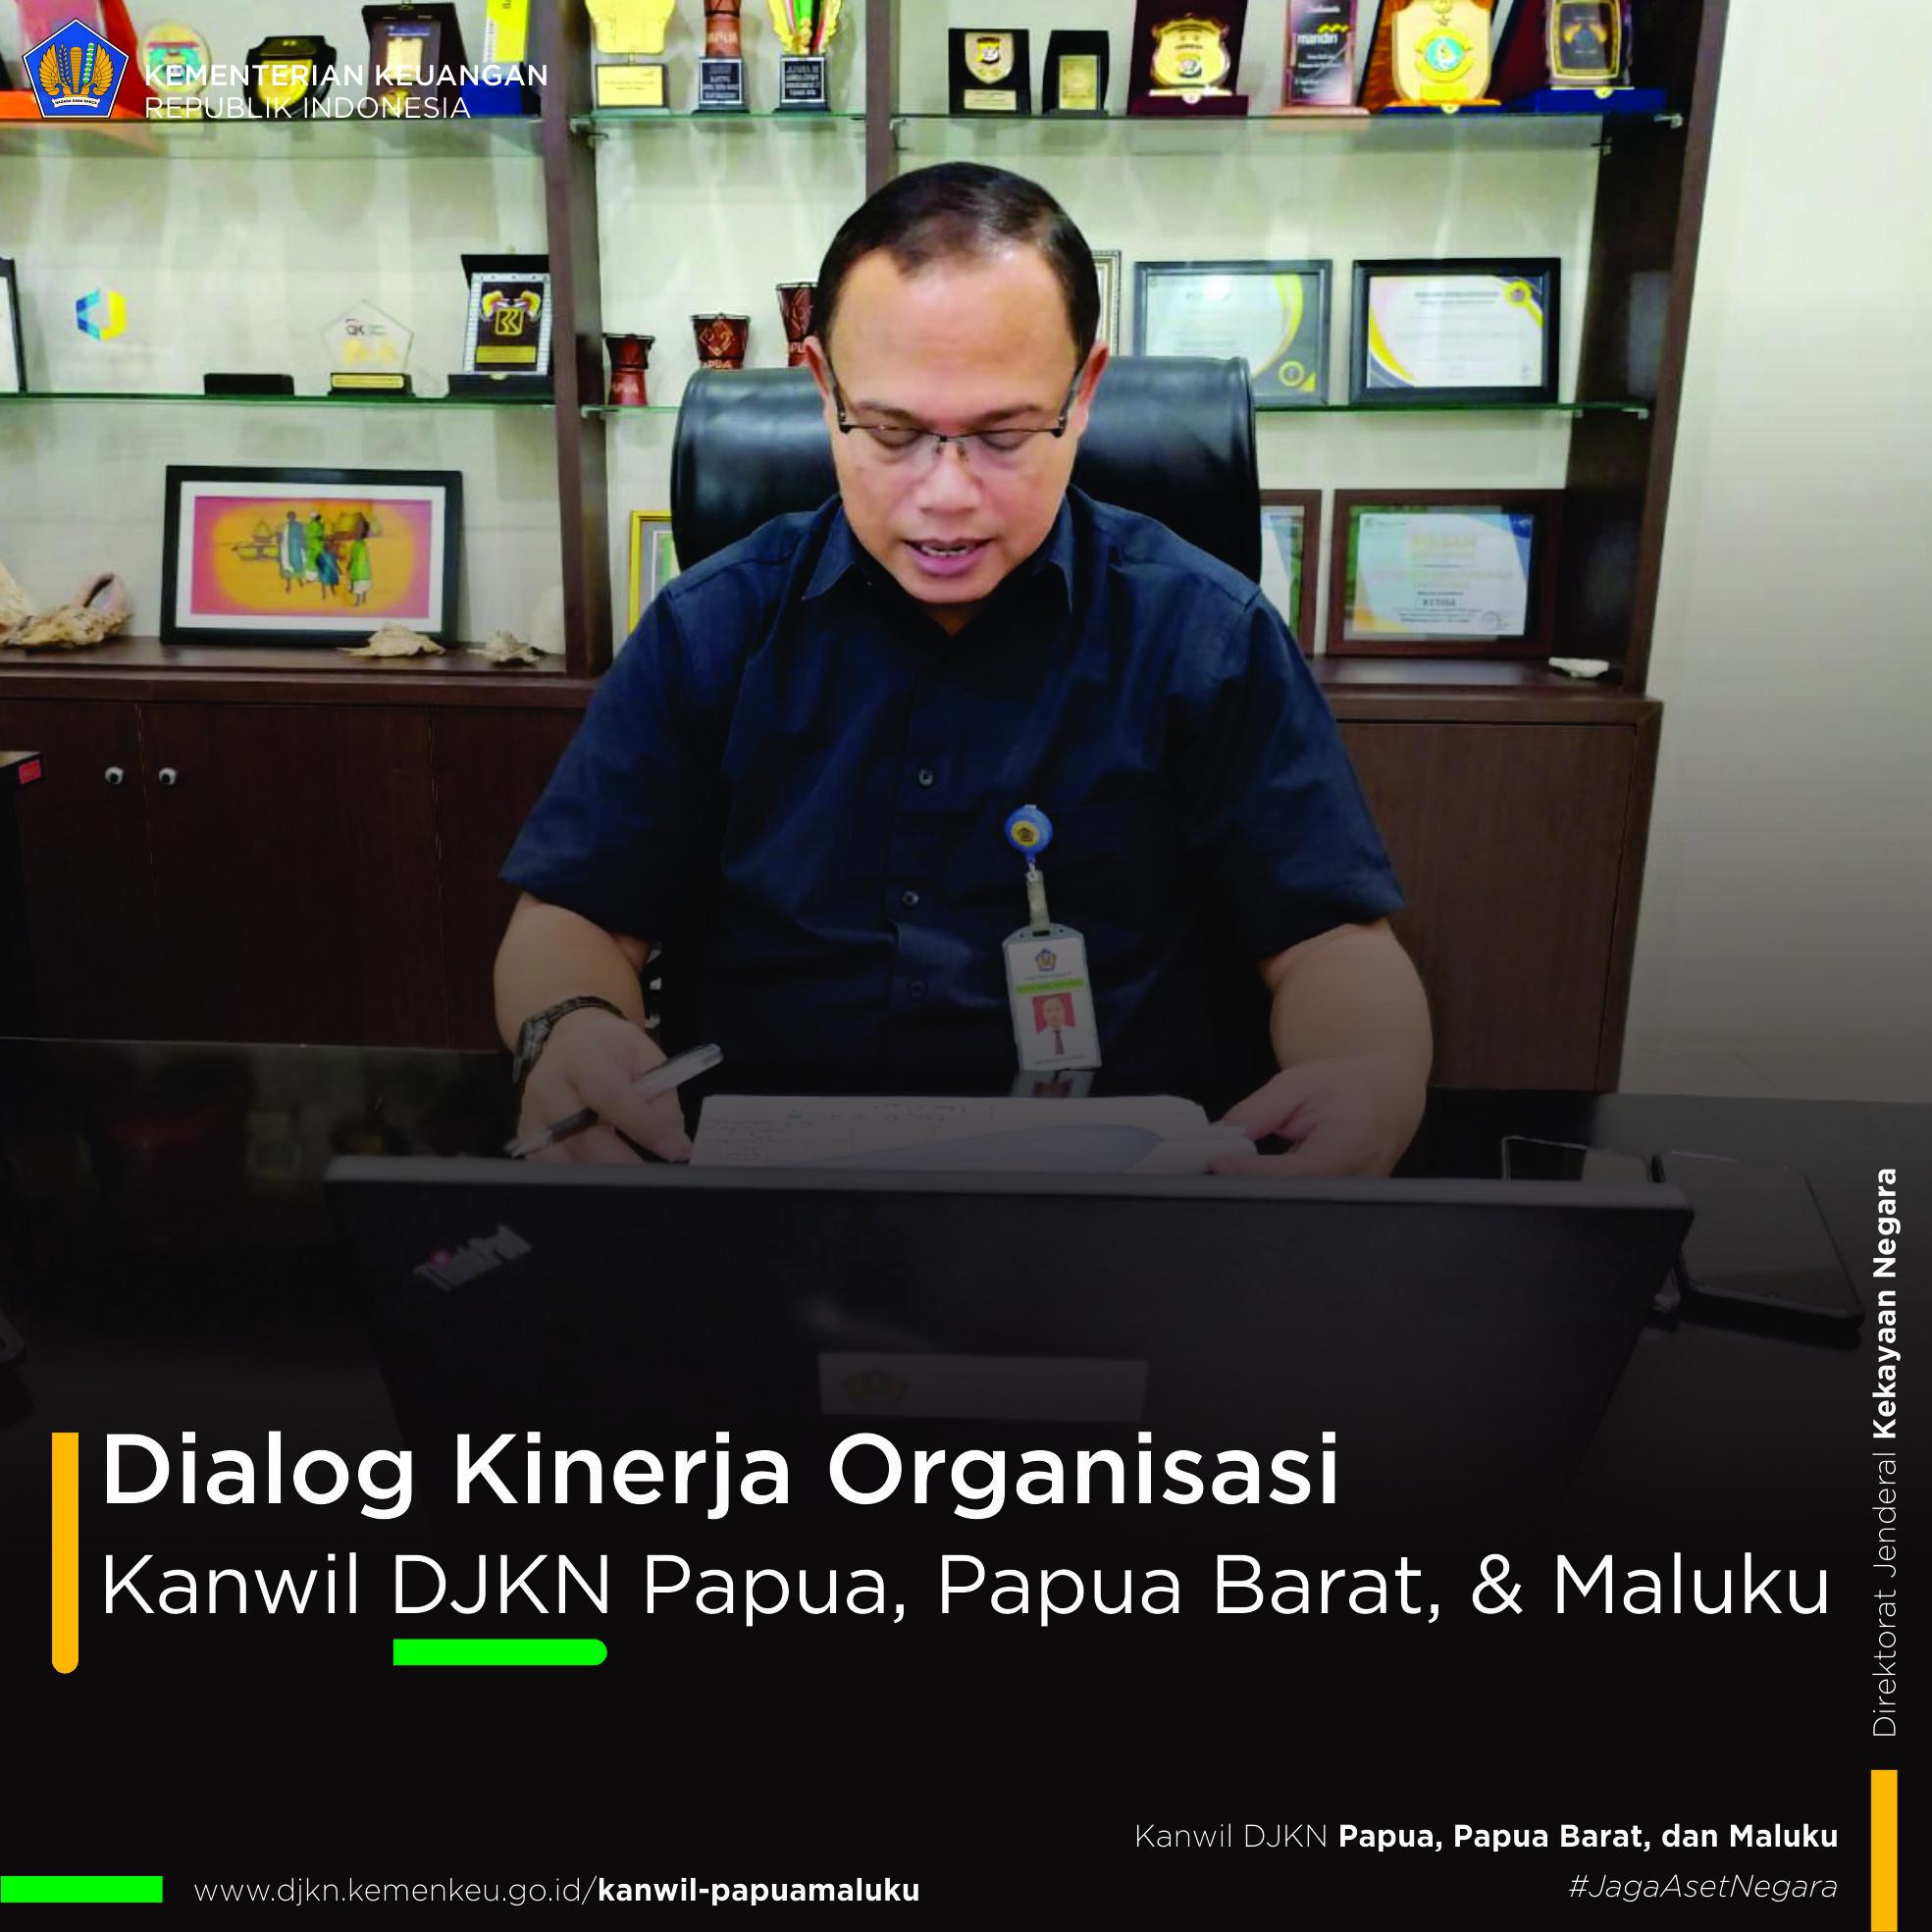 Rapat Virtual monitoring dan evaluasi kinerja s.d. bulan April 2020 Kanwil DJKN Papua, Papua Barat, dan Maluku